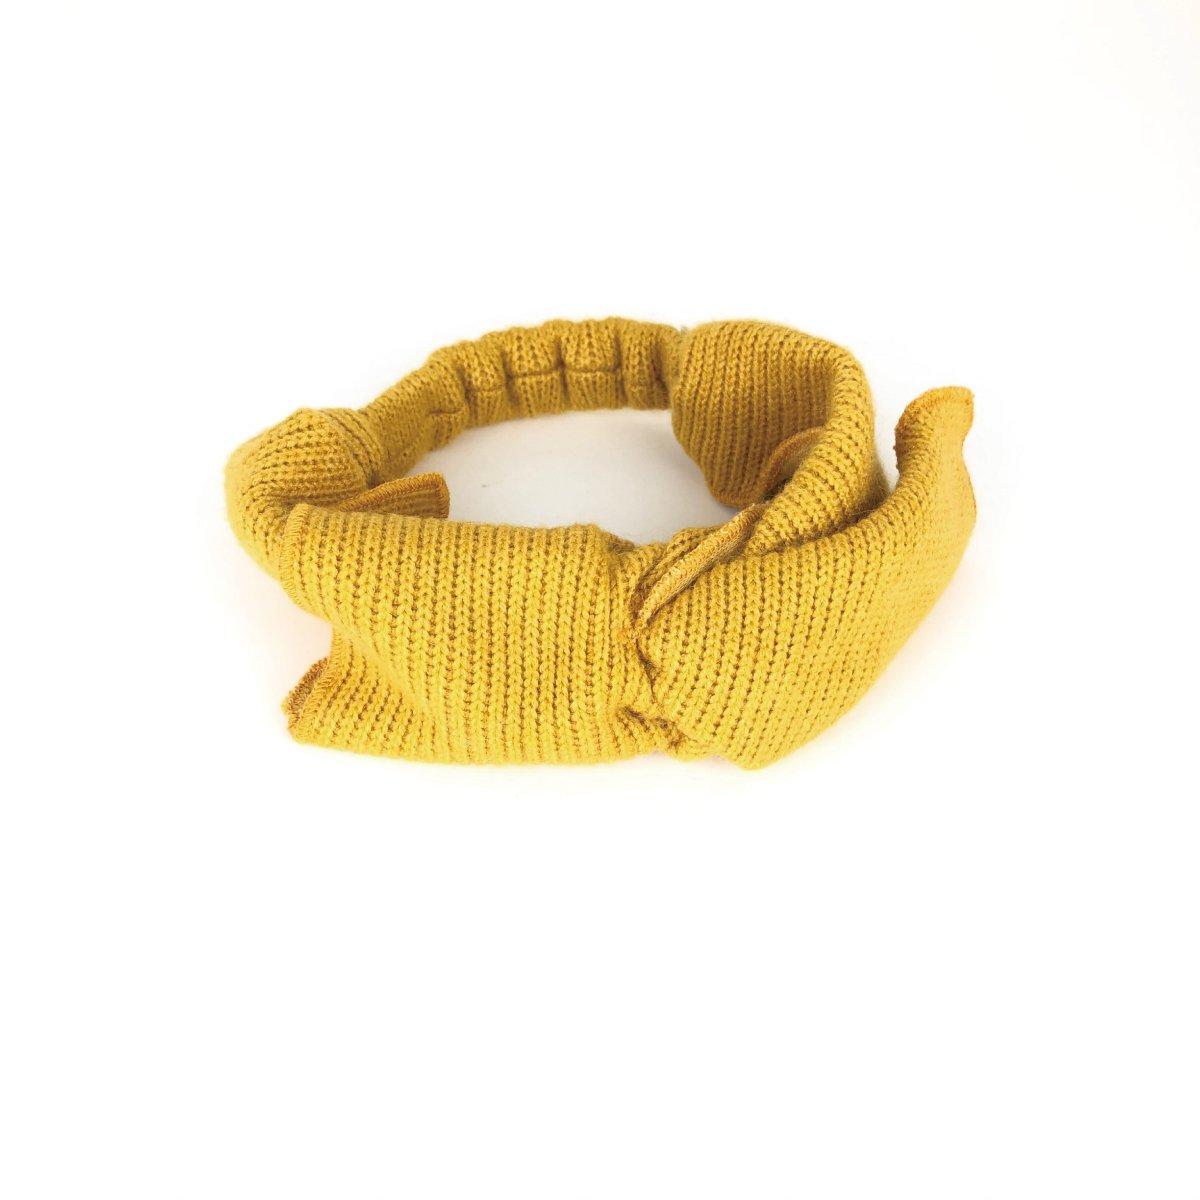 【BABY】Baby Knit Turban 詳細画像1